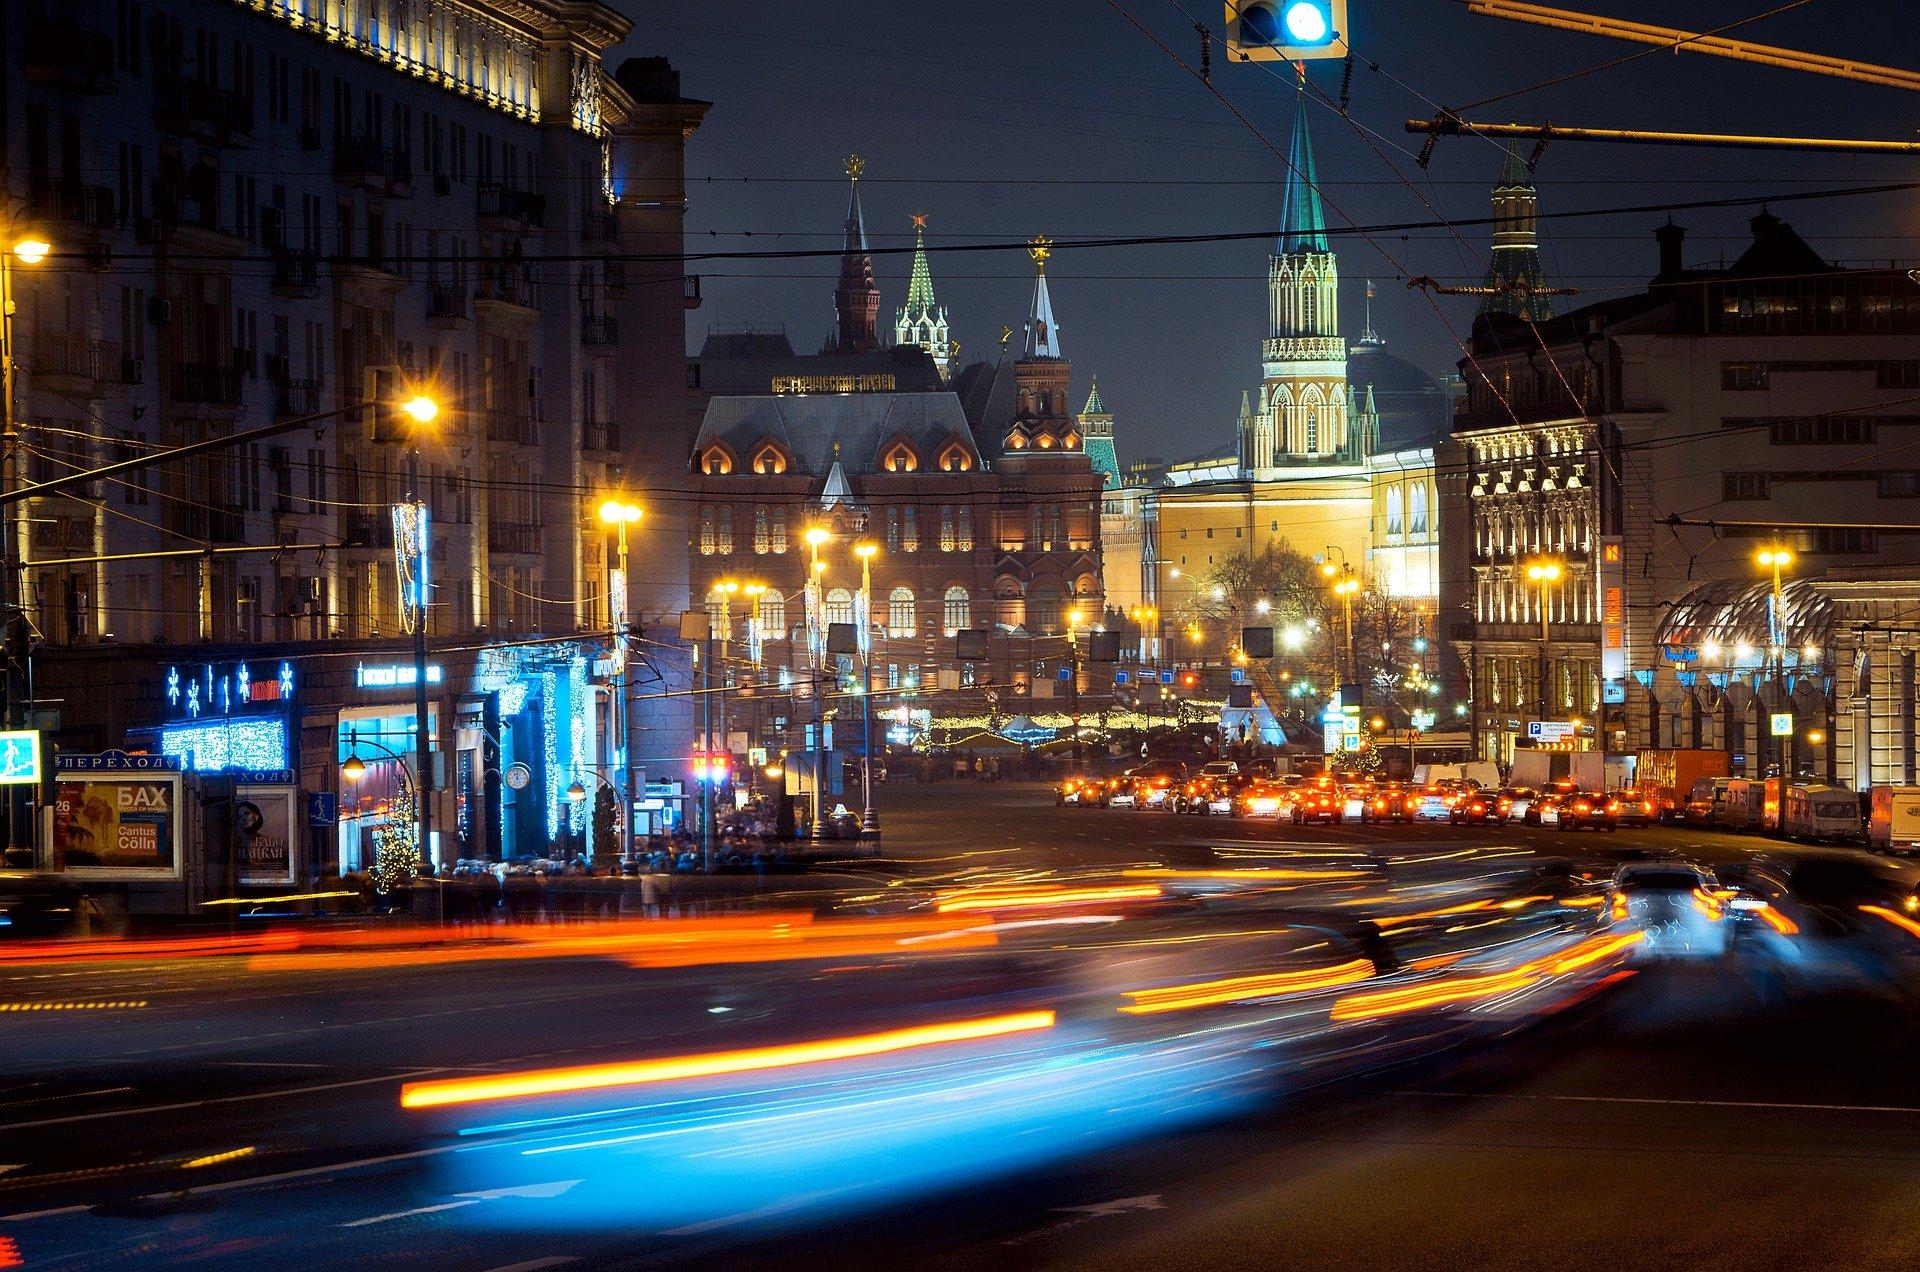 Собянин подписал указ о нерабочих днях в Москве с 15 по 19 июня для борьбы с коронавирусом